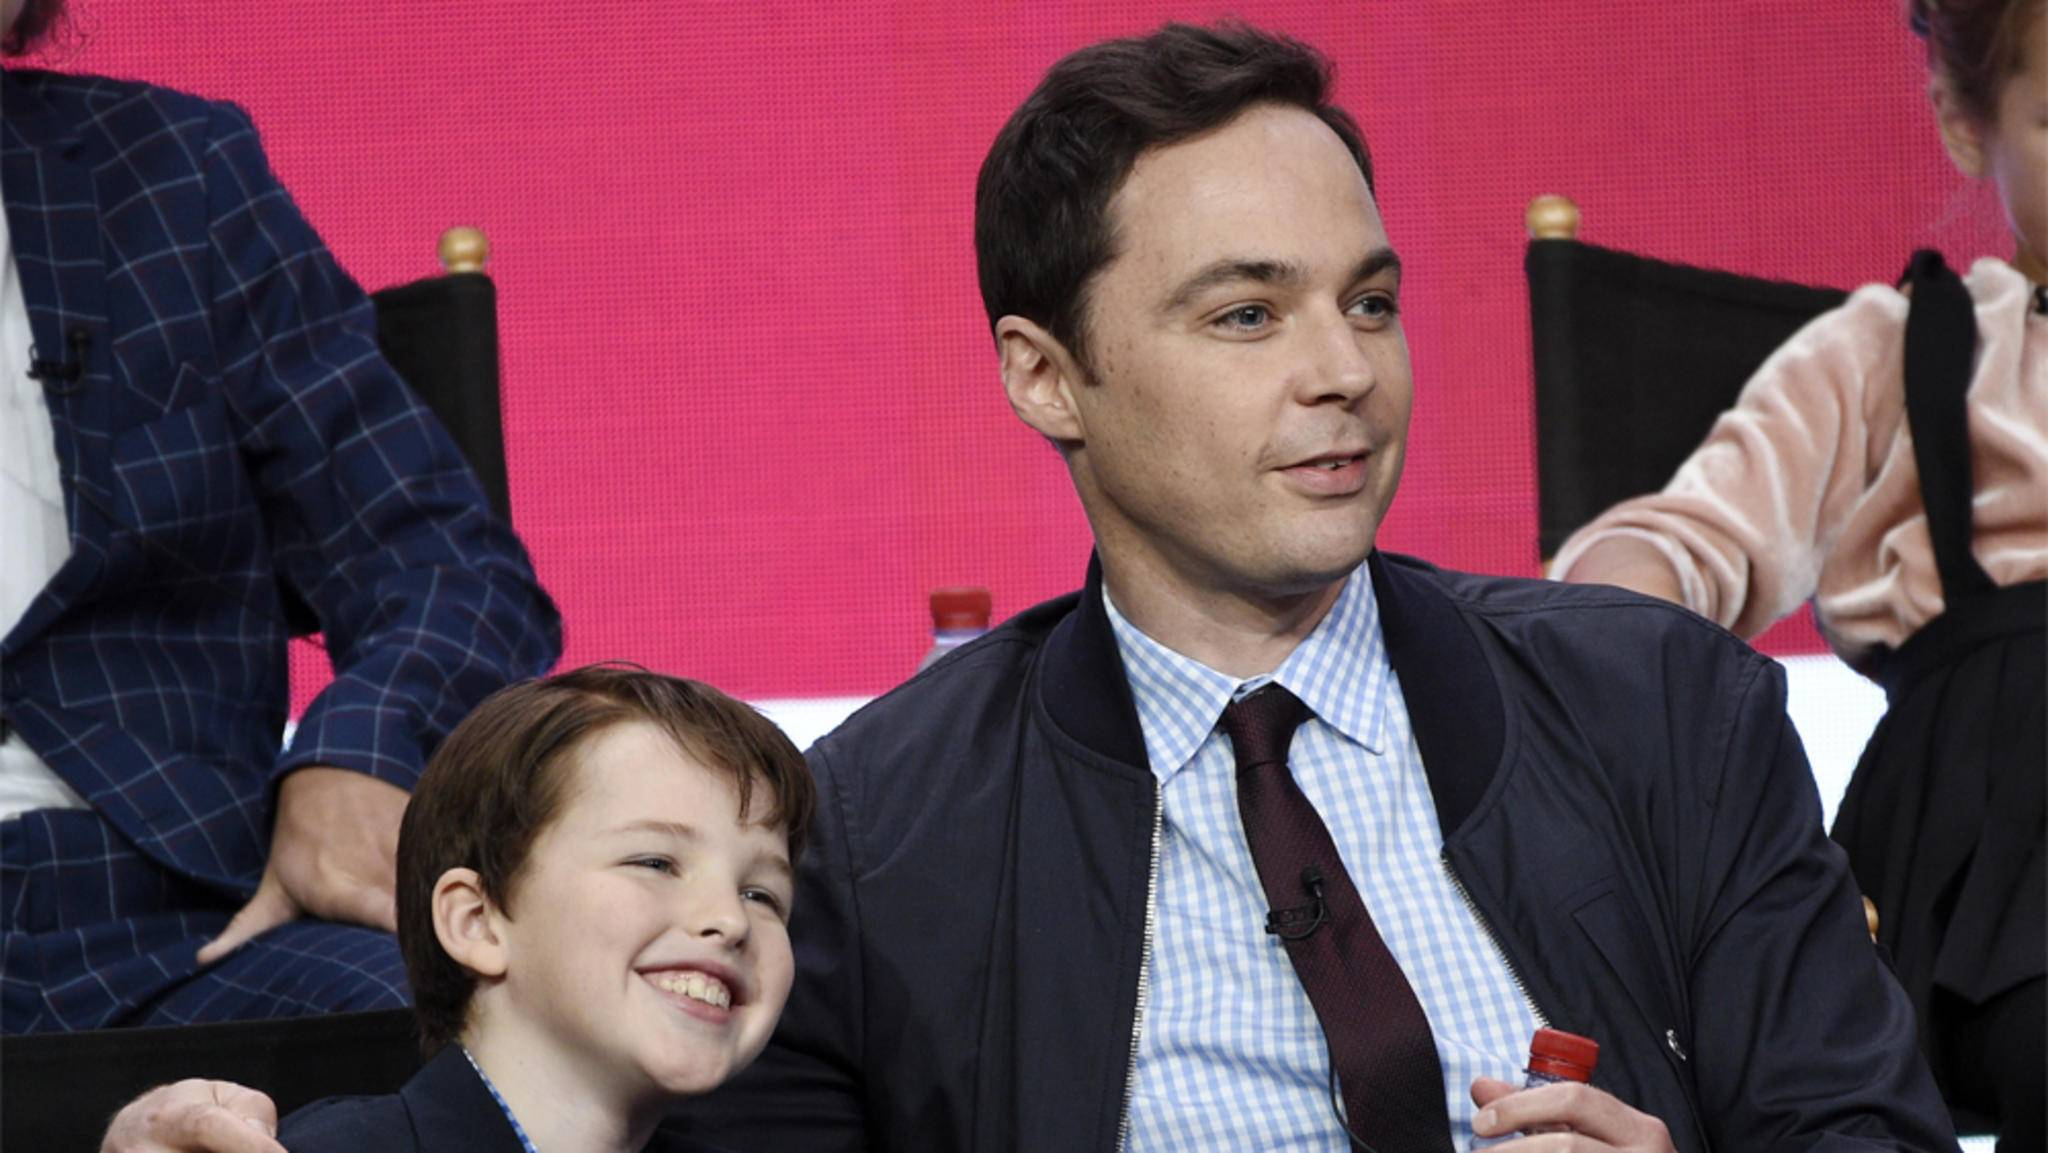 Sheldon-Darsteller unter sich: Iain Armitage (links) und Jim Parsons.